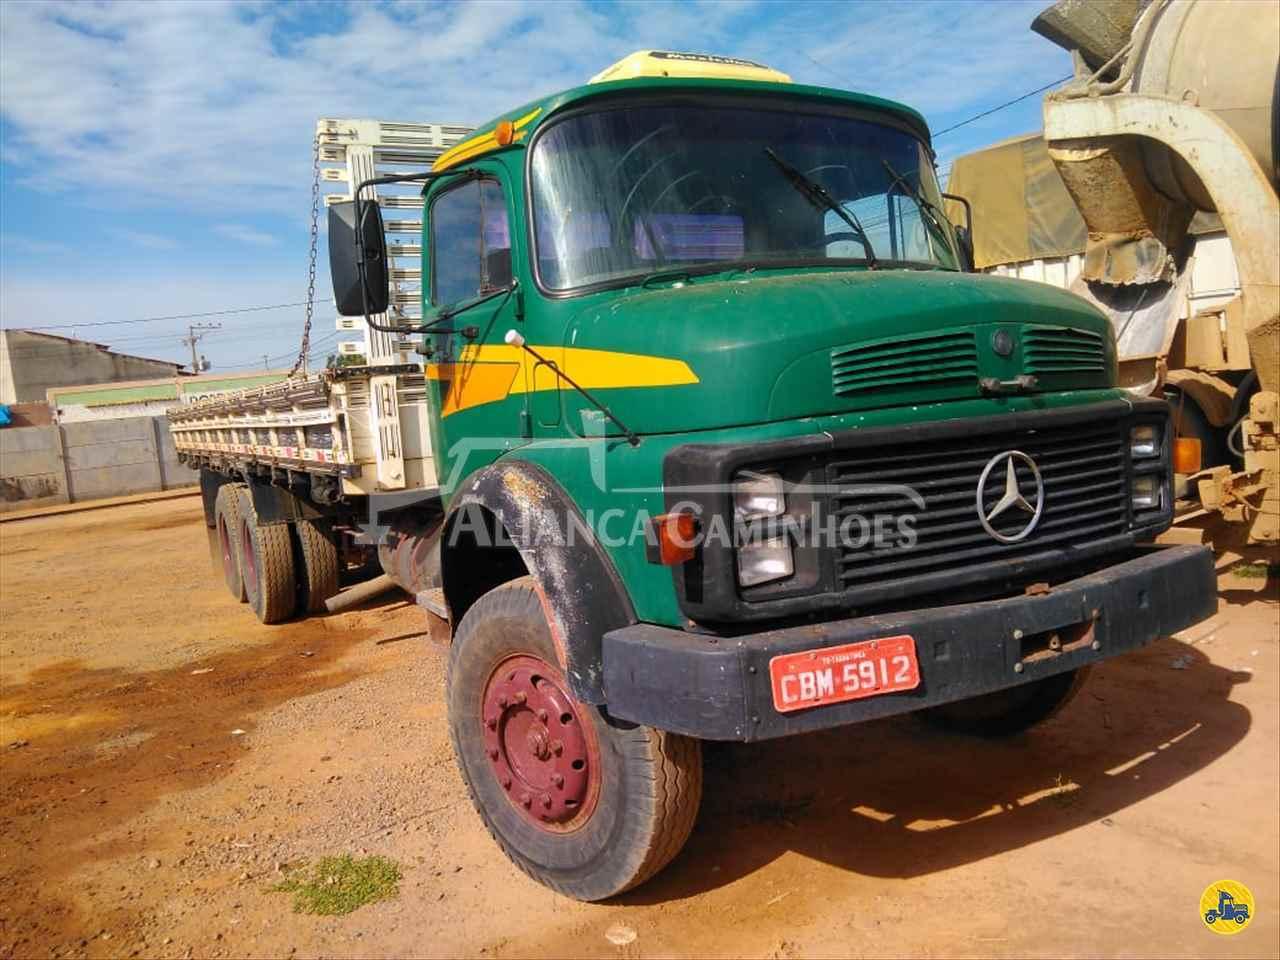 MB 1513 de Aliança Caminhões - LUIS EDUARDO MAGALHAES/BA